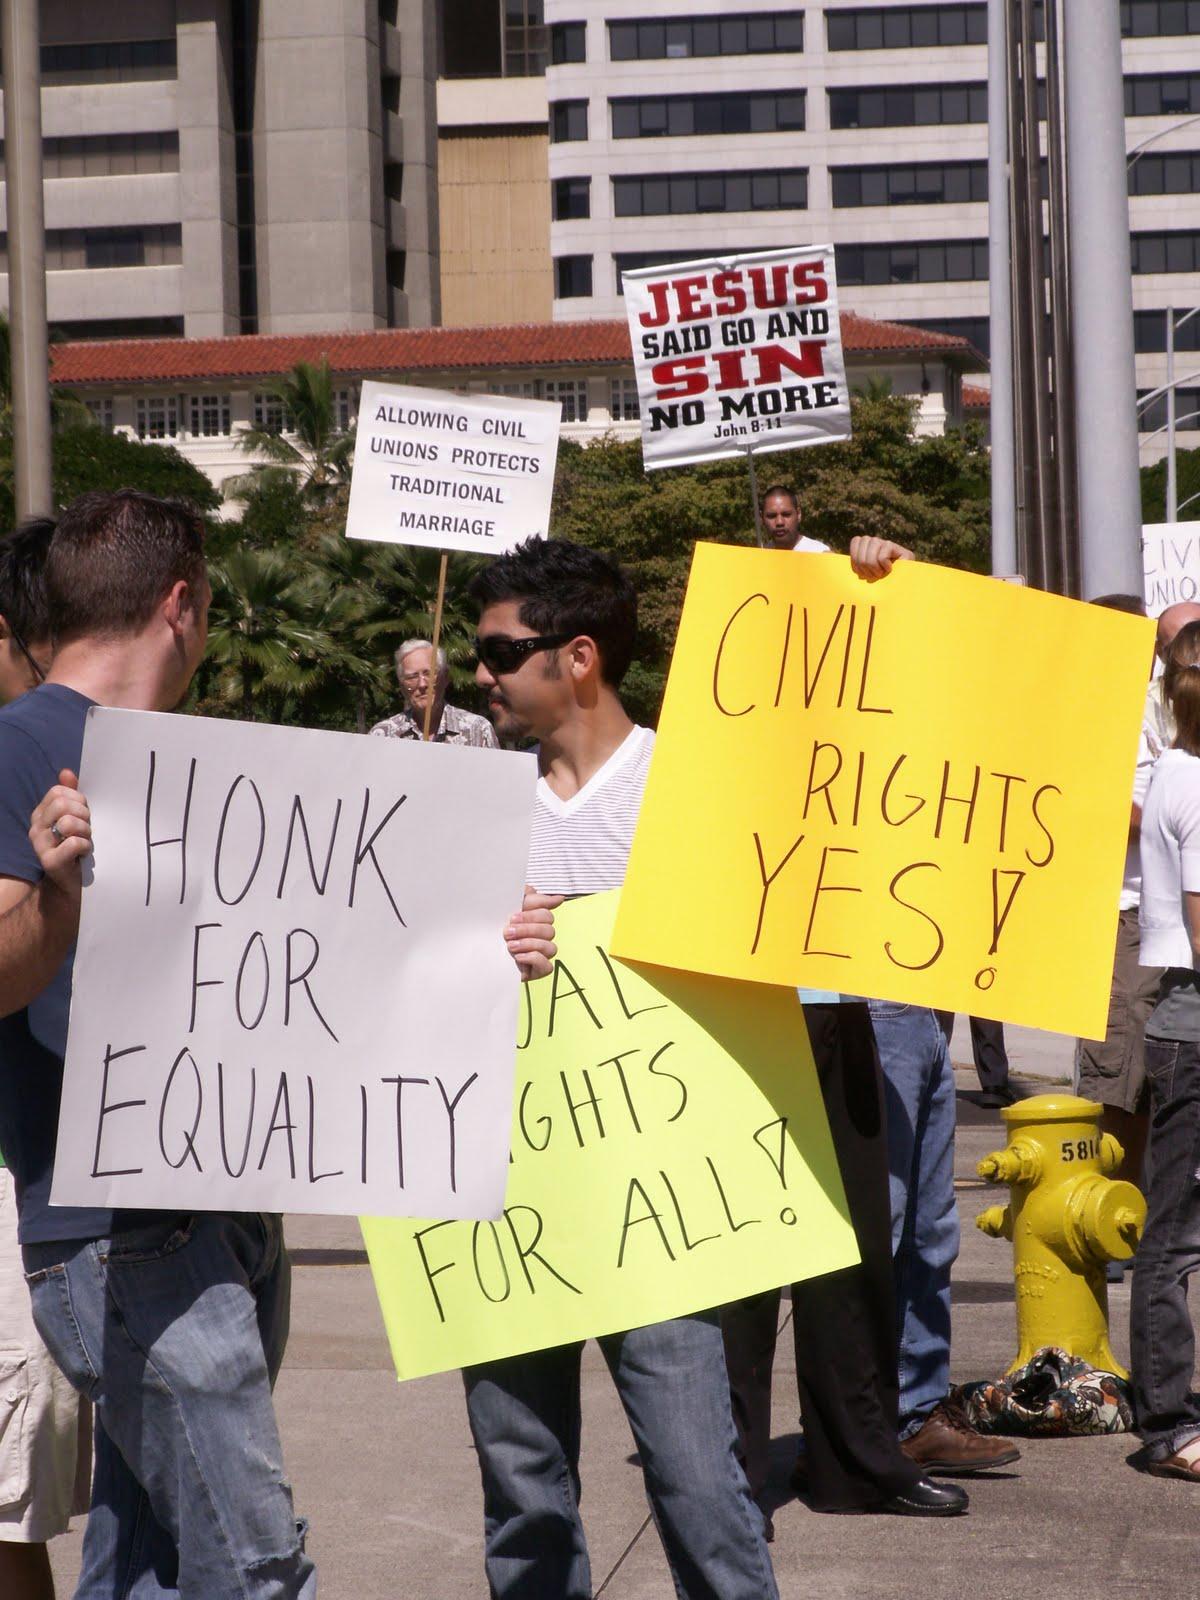 http://2.bp.blogspot.com/-C5F_qxyEIXU/S1SUcVjW6GI/AAAAAAAAAtU/WsZ5GRv2Ei0/s1600/gay+rally.JPG